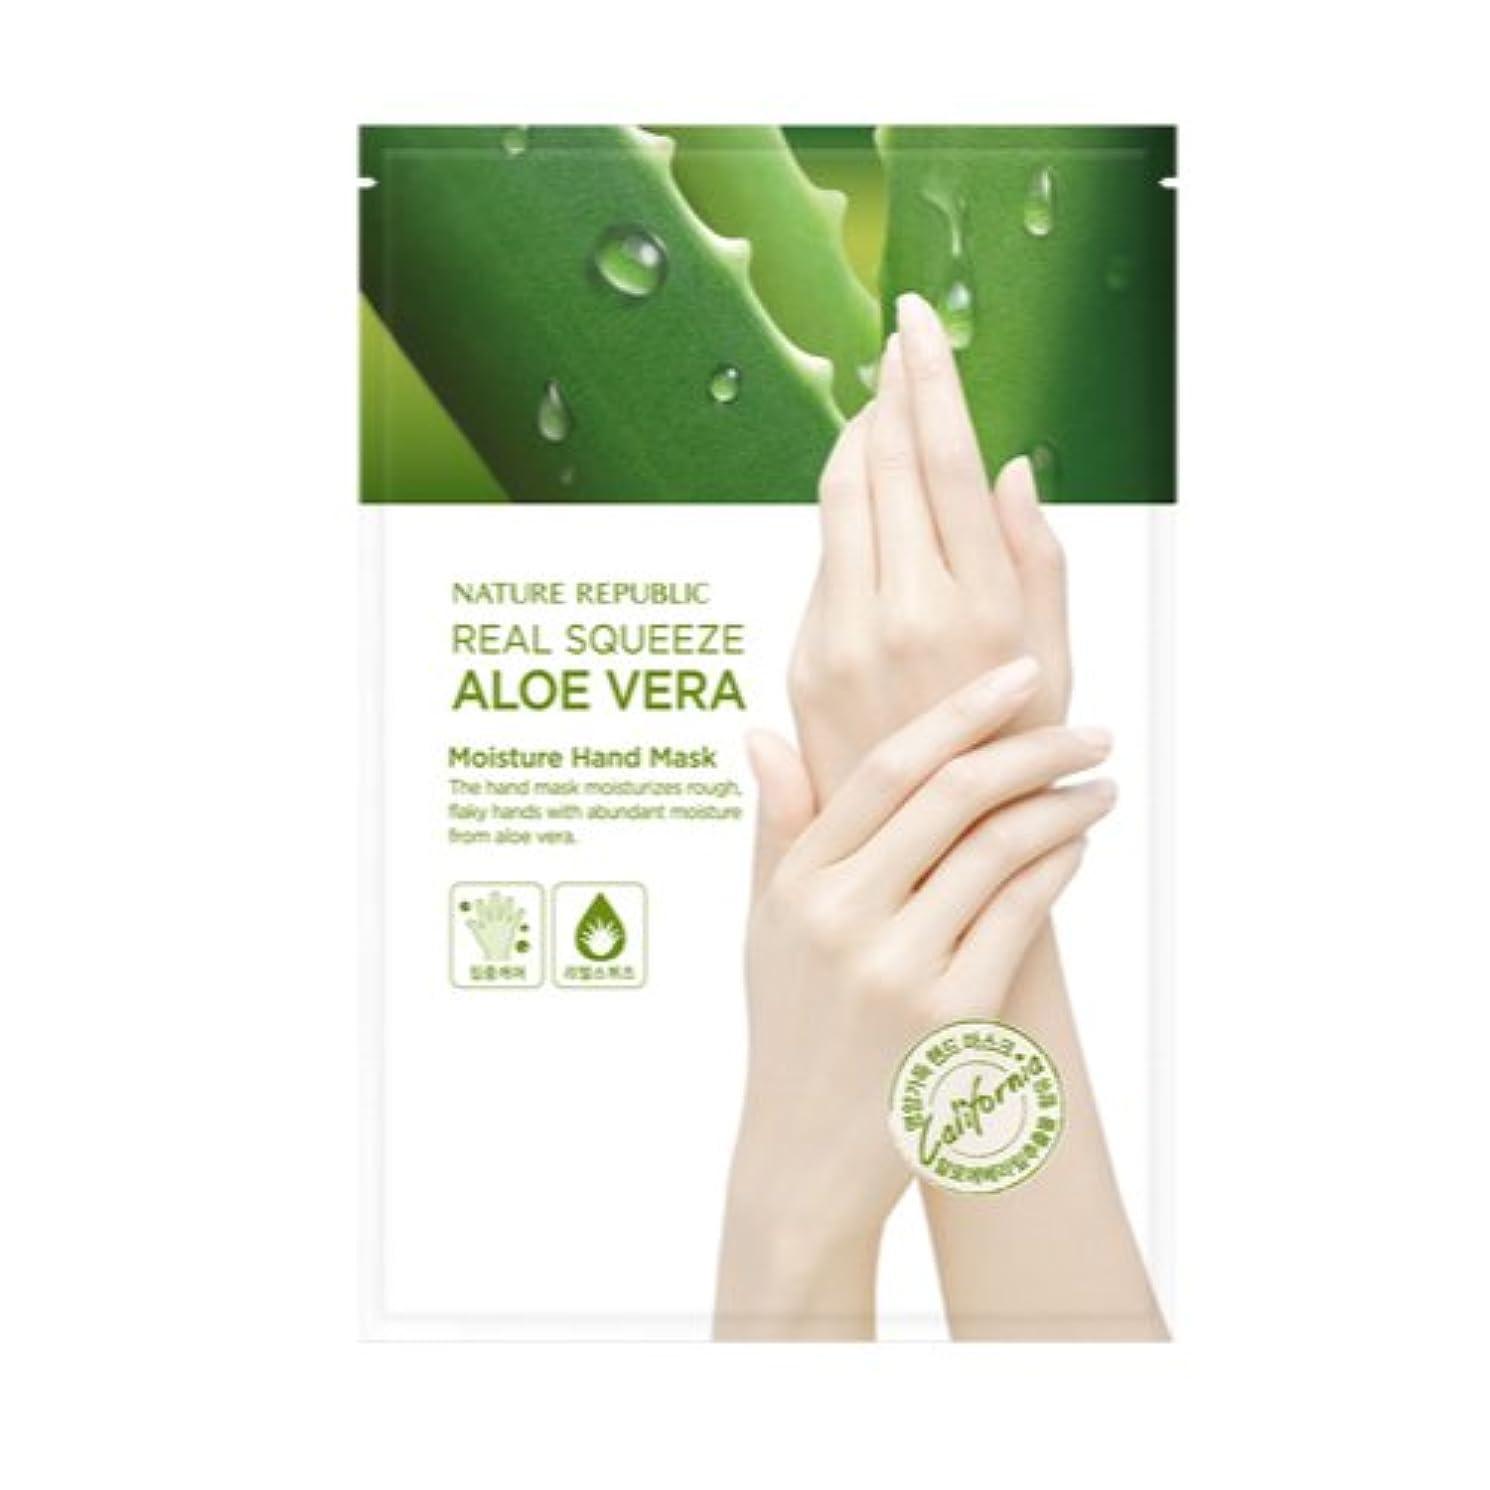 別れるモールス信号酸化物[ネイチャーリパブリック] Nature republicリアルスクイズアロエベラモイスチャーハンドマスク(2枚入1回分)海外直送品(Real Squeeze Aloe Vera Moisture Hand Mask)...